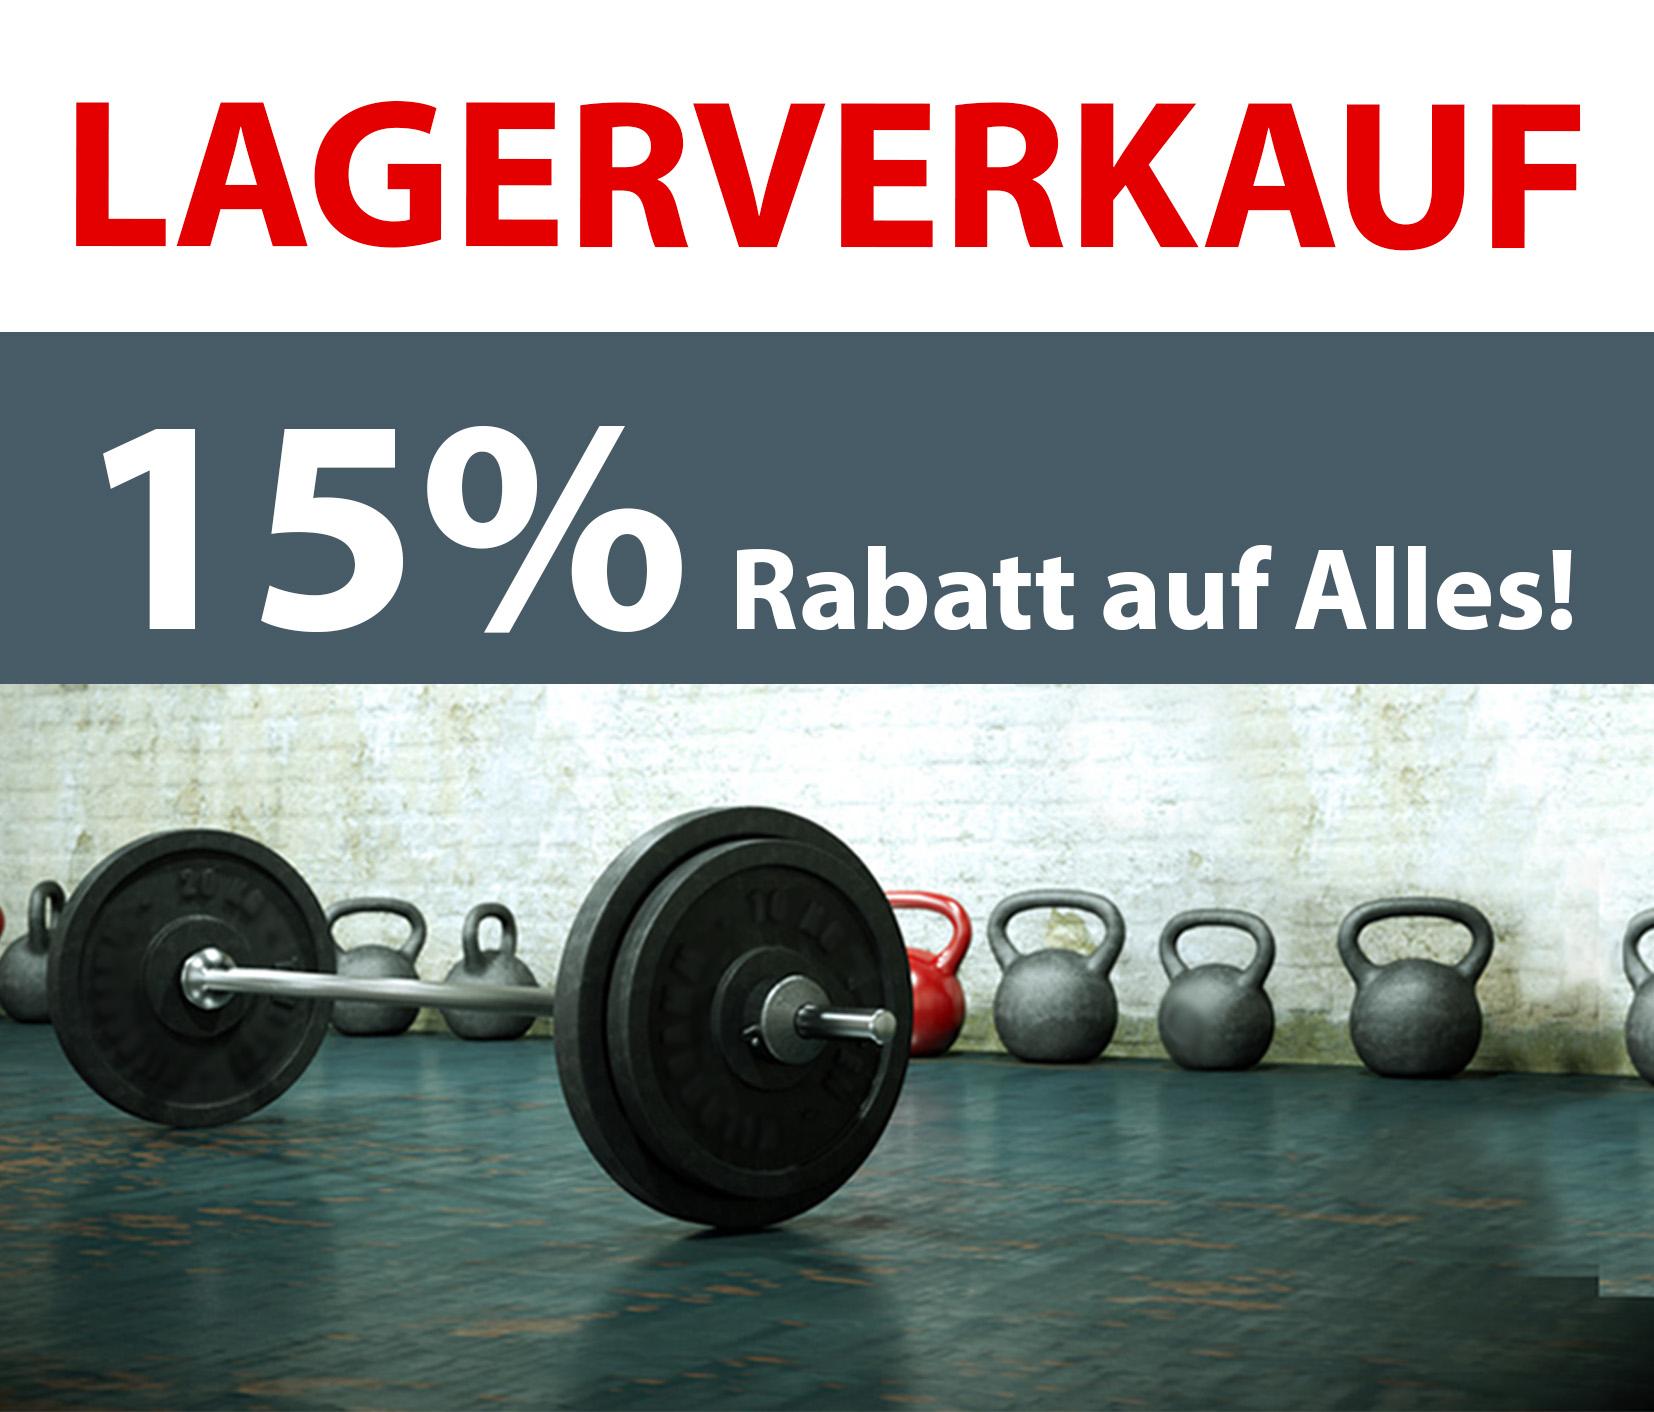 LAGERVERKAUF: 15% RABATT AUF ALLES! --> mit Gutscheincode*: JETZT-BESTELLEN